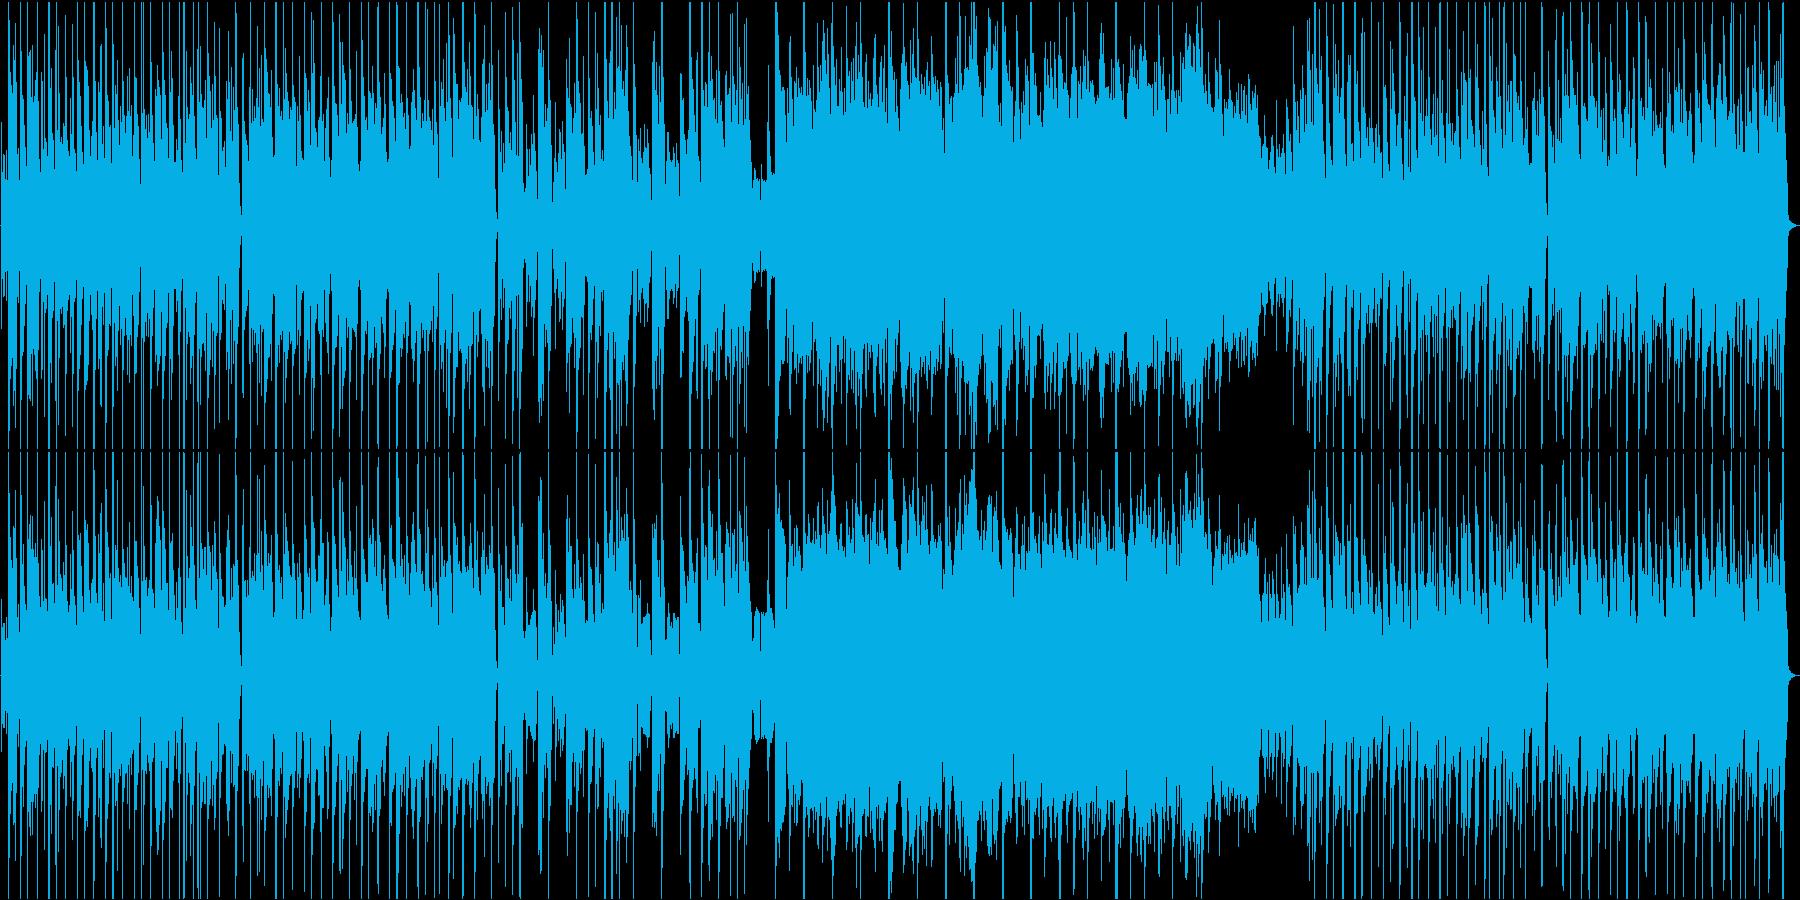 軽快な雰囲気で温かみのある楽曲の再生済みの波形